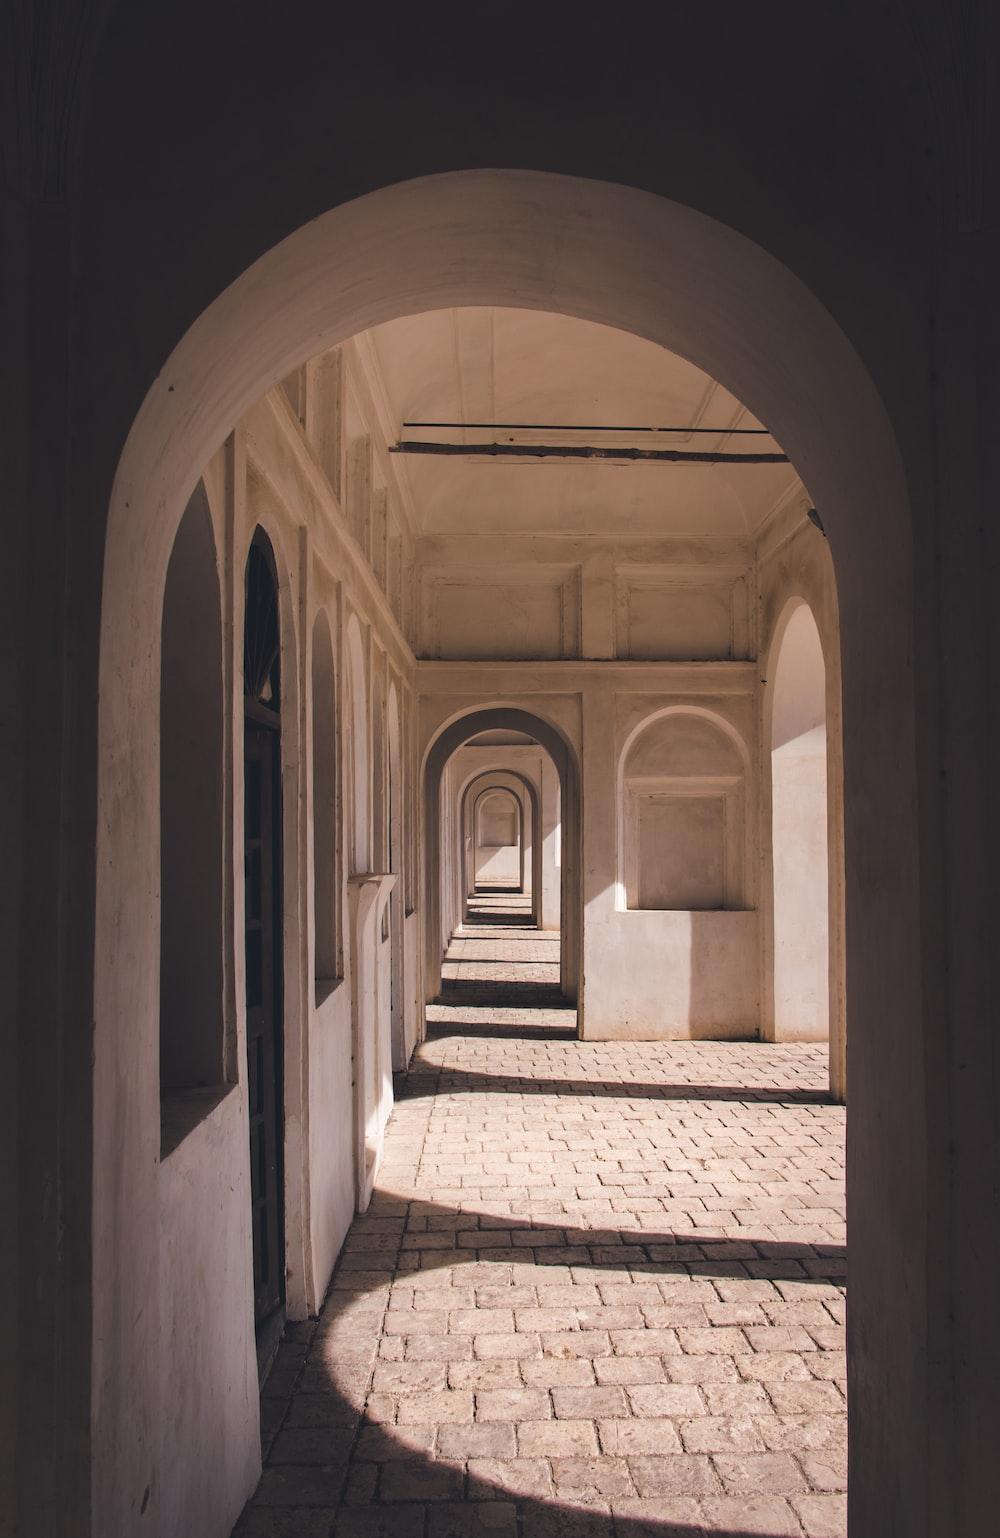 gray concrete hallway